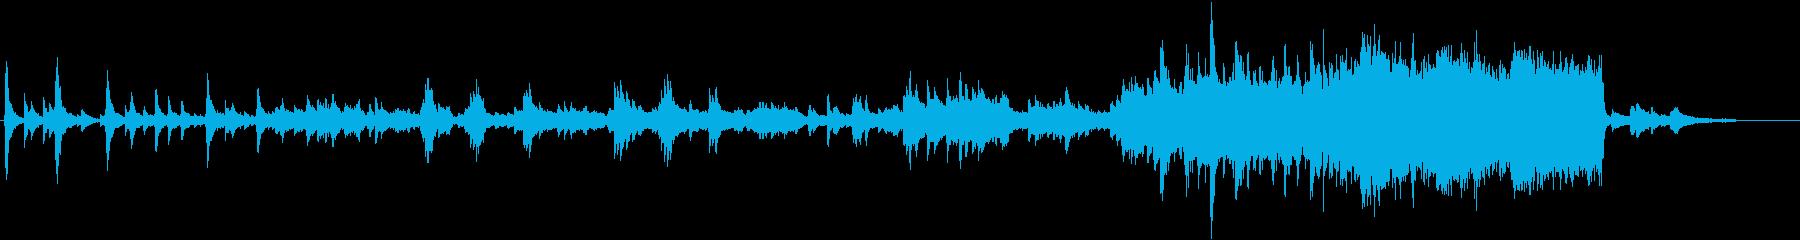 ピアノ オーケストラ 感動 ノスタルジーの再生済みの波形